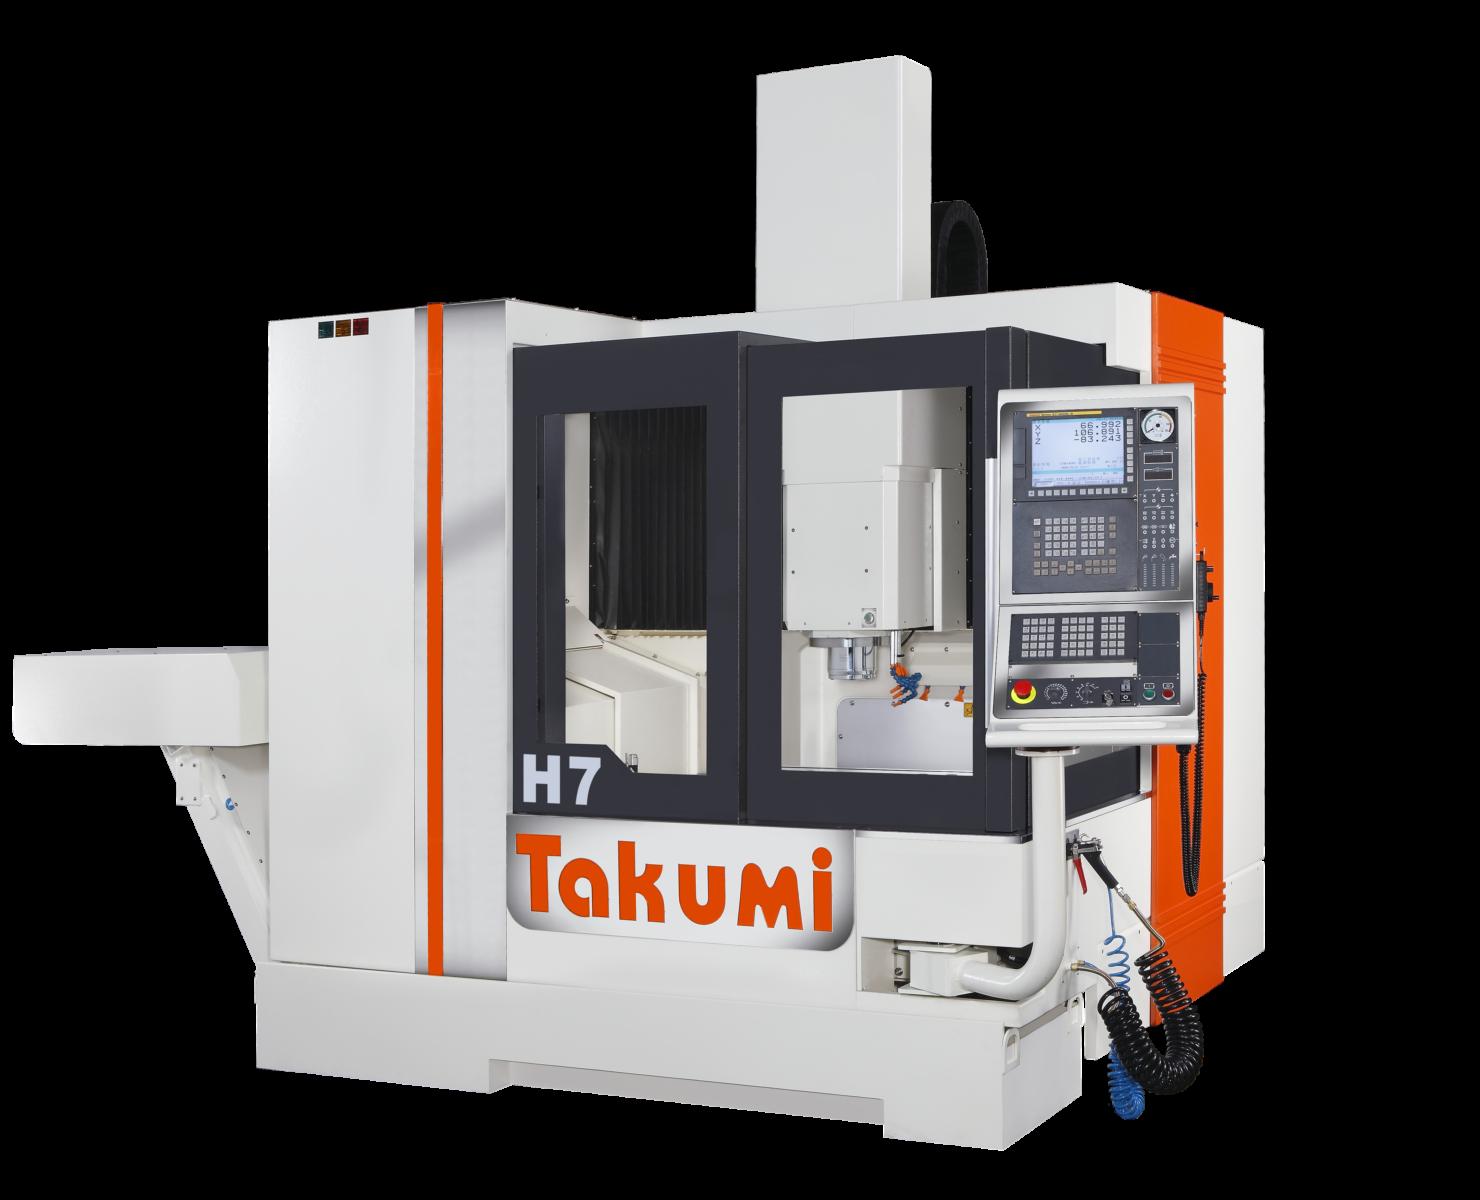 Takumi H7 mit Heidenhain-Steuerung für den Werkzeug- und Formenbau